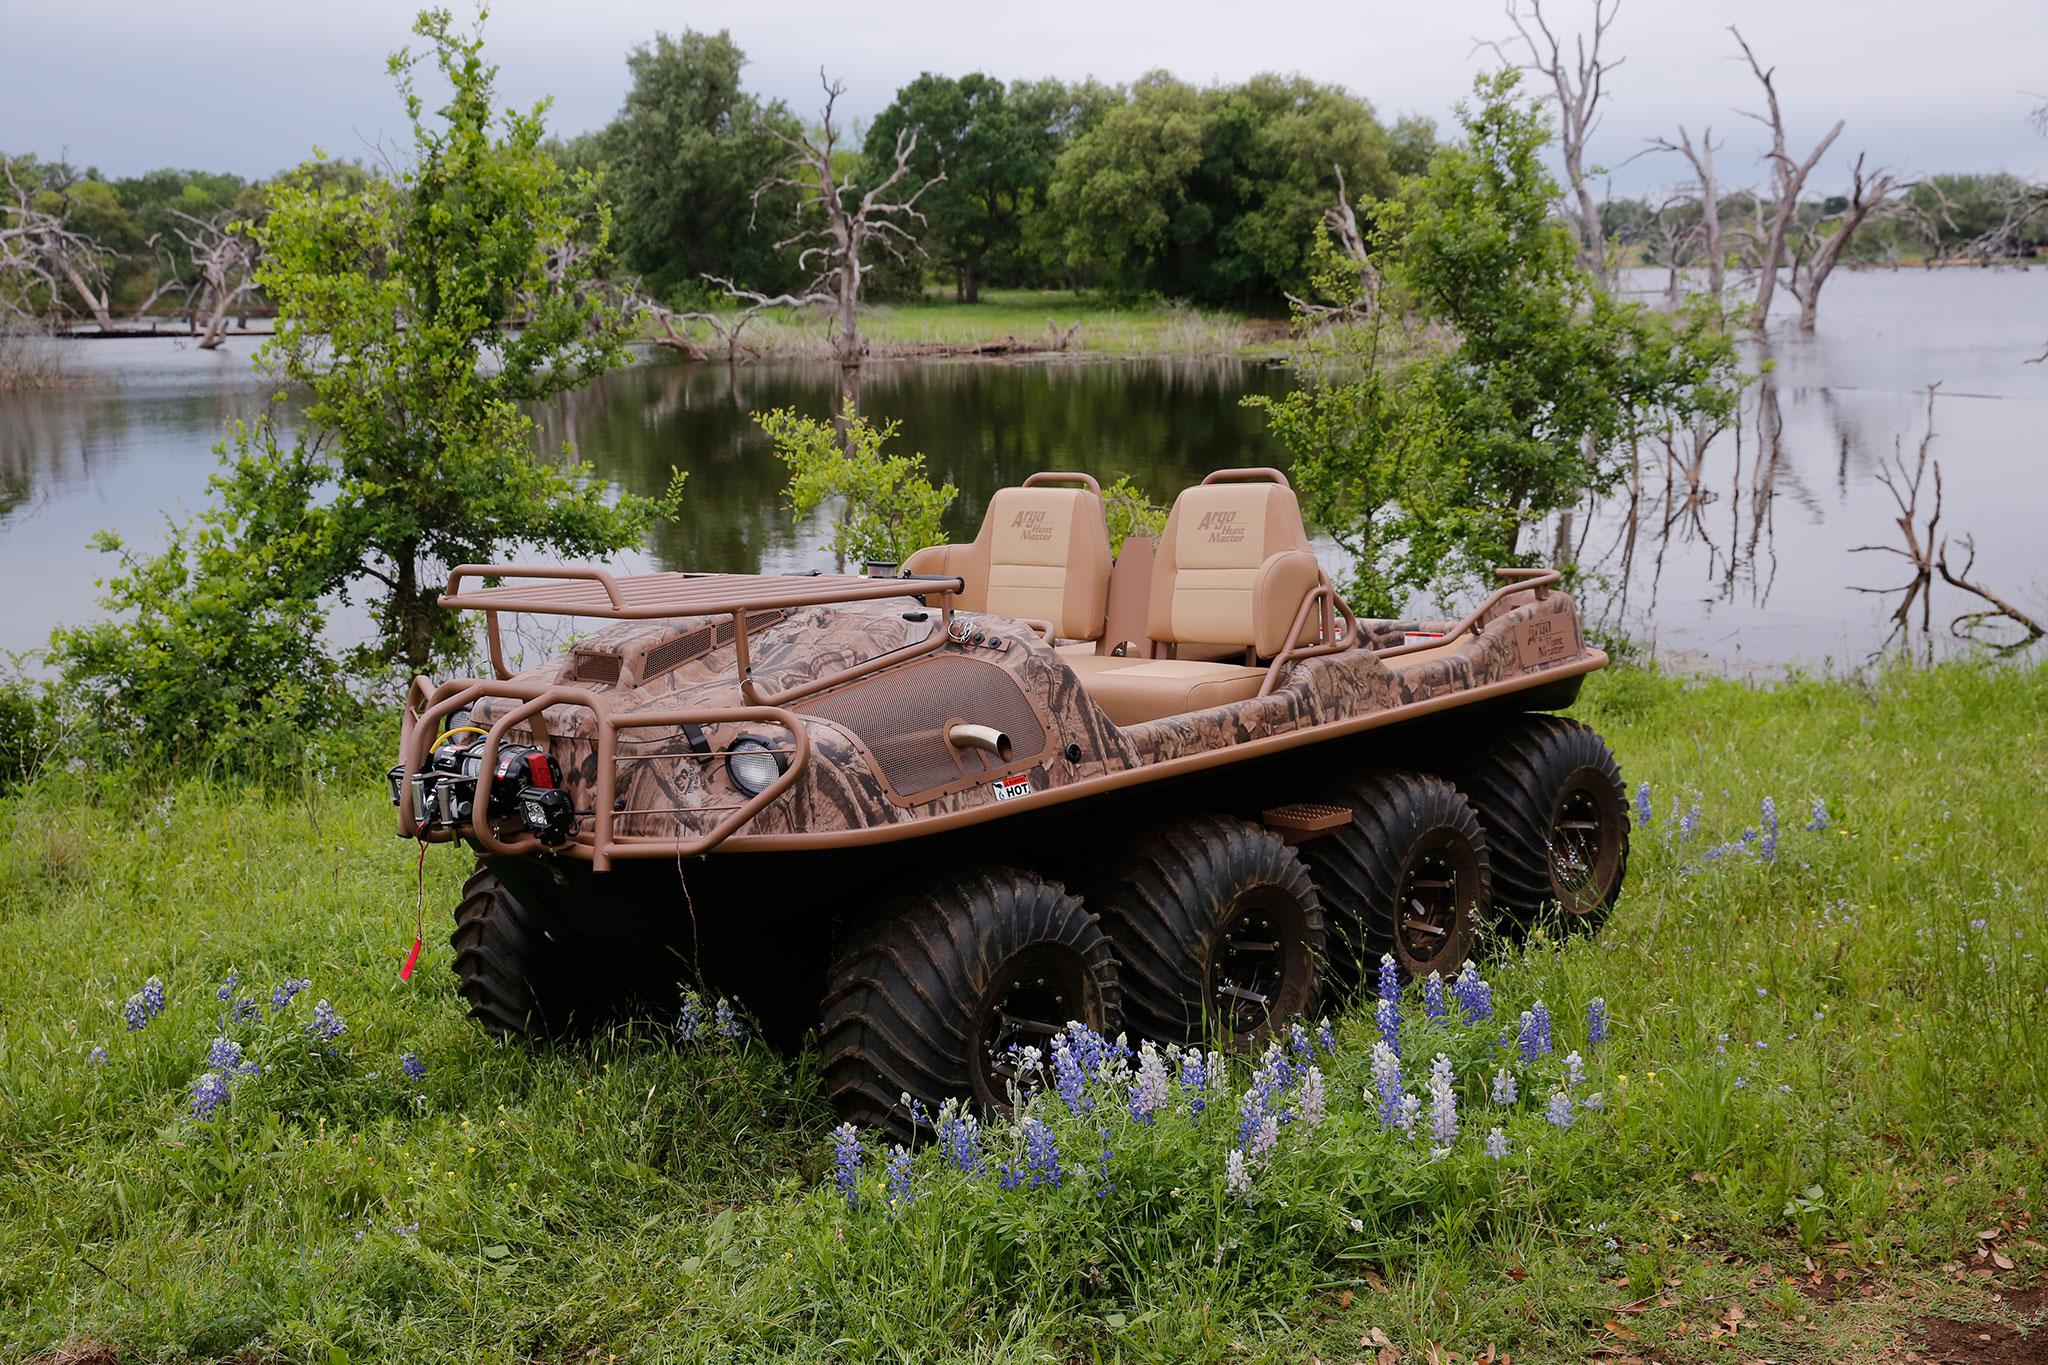 2016 Argo 8x8 Amphibious ATV Review